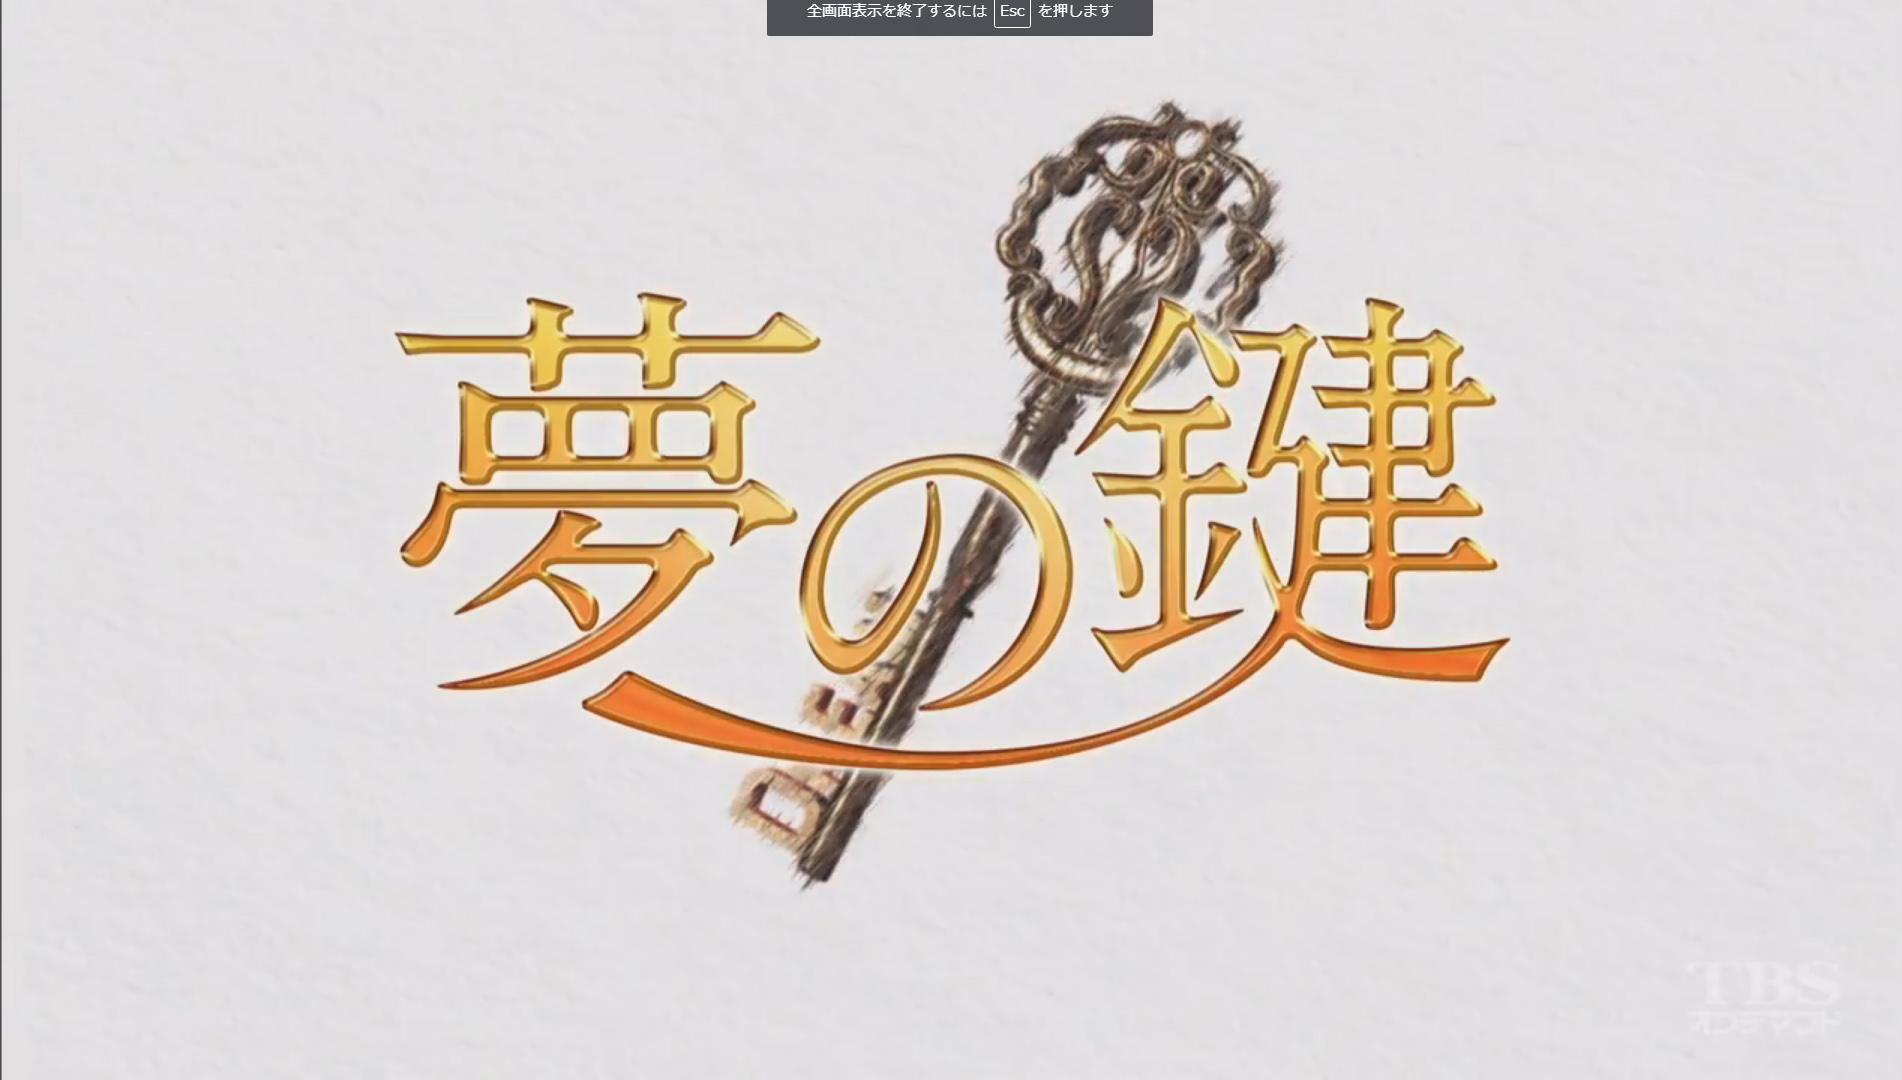 BS-TBS 夢の鍵